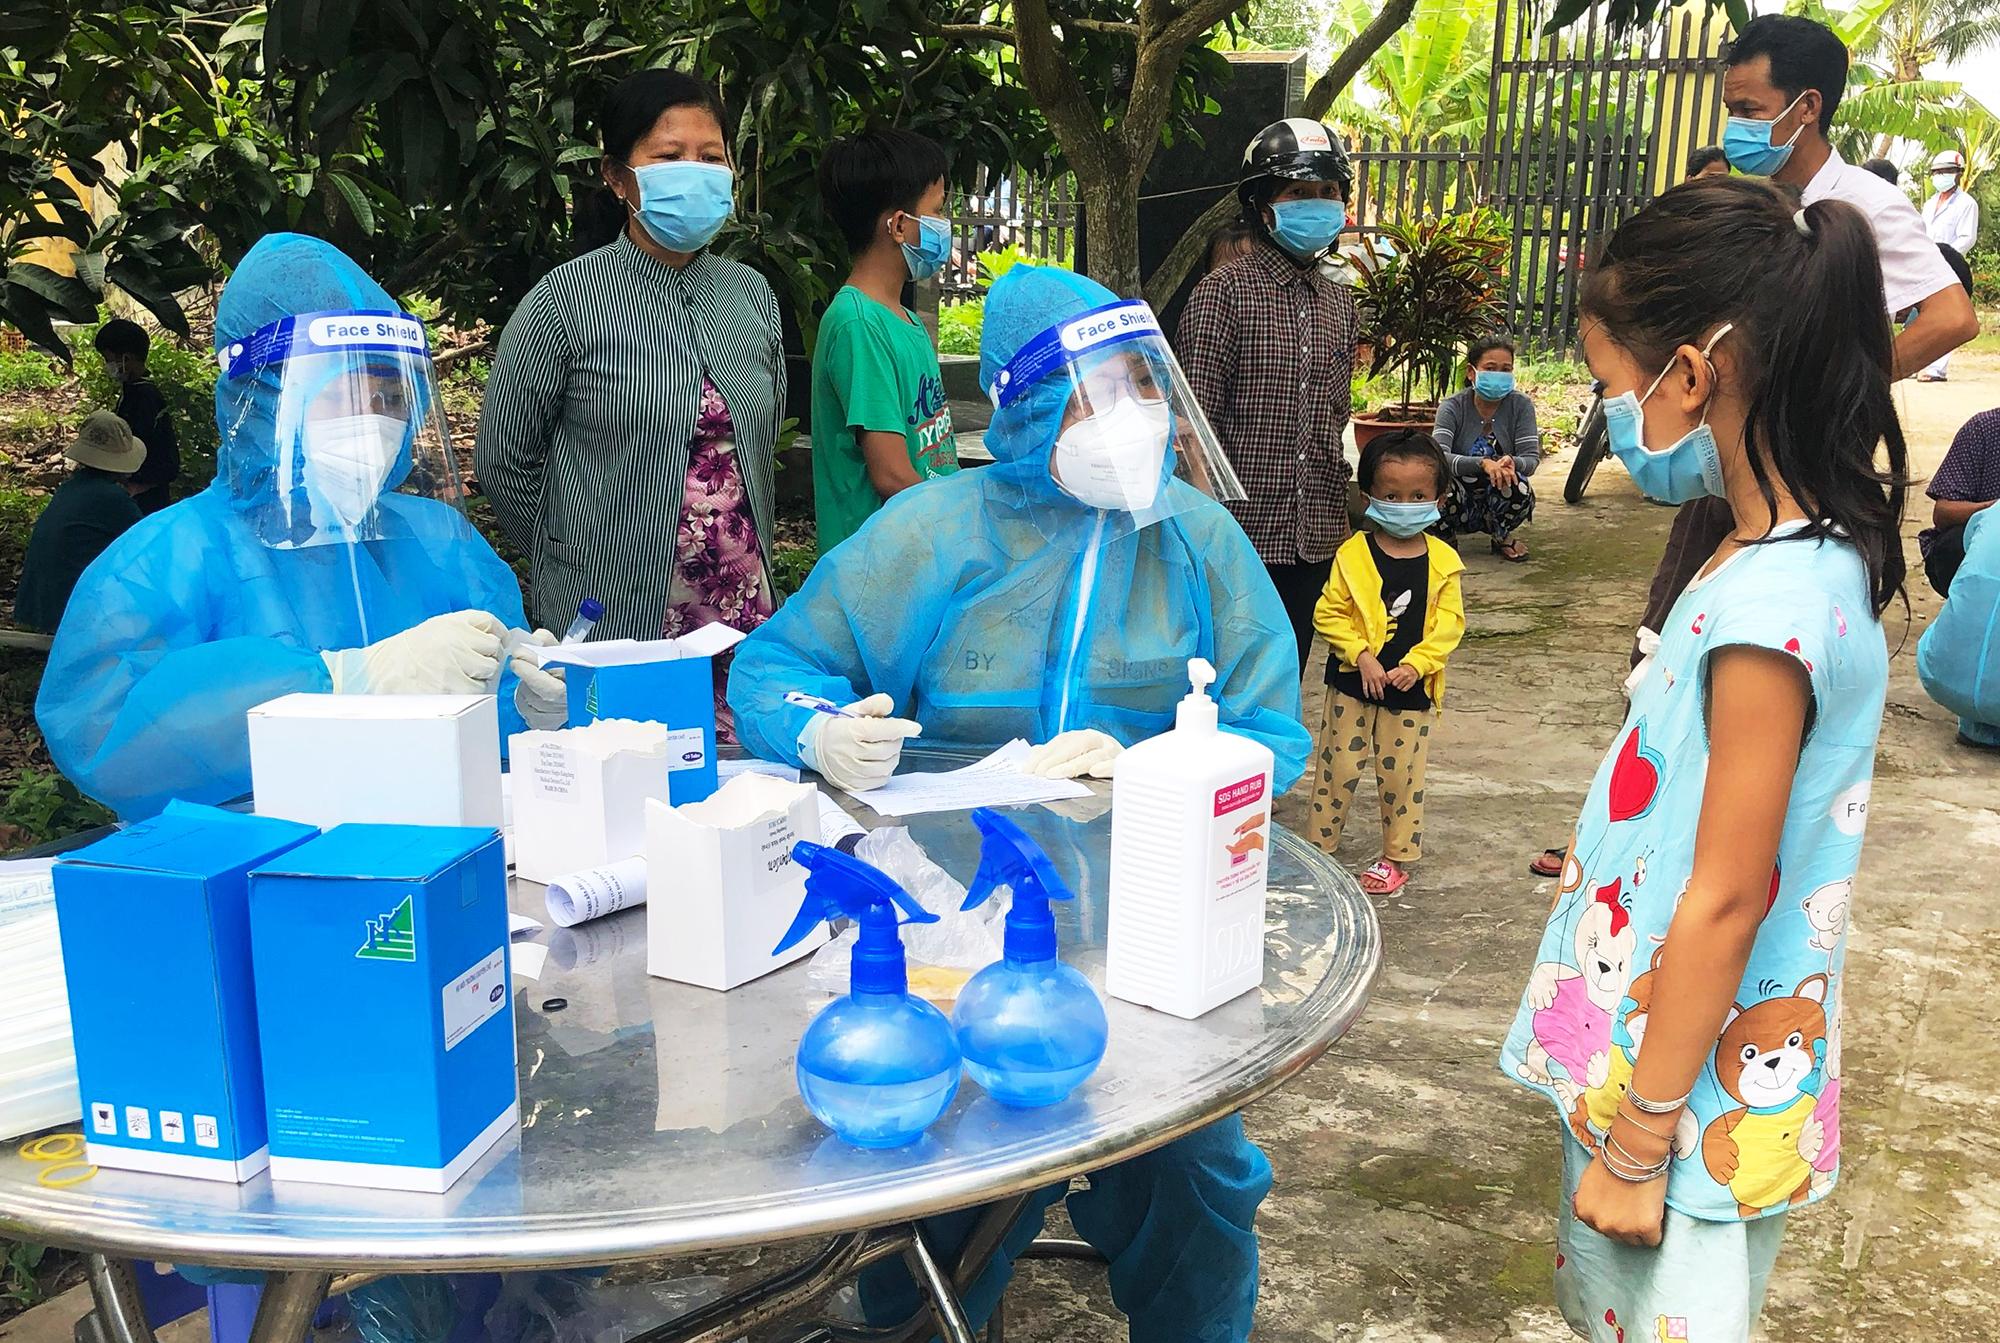 Lực lượng y tế lấy mẫu tại xã An Hiệp, huyện Châu Thành, tỉnh Đồng Tháp. Ảnh: Ngọc Tài